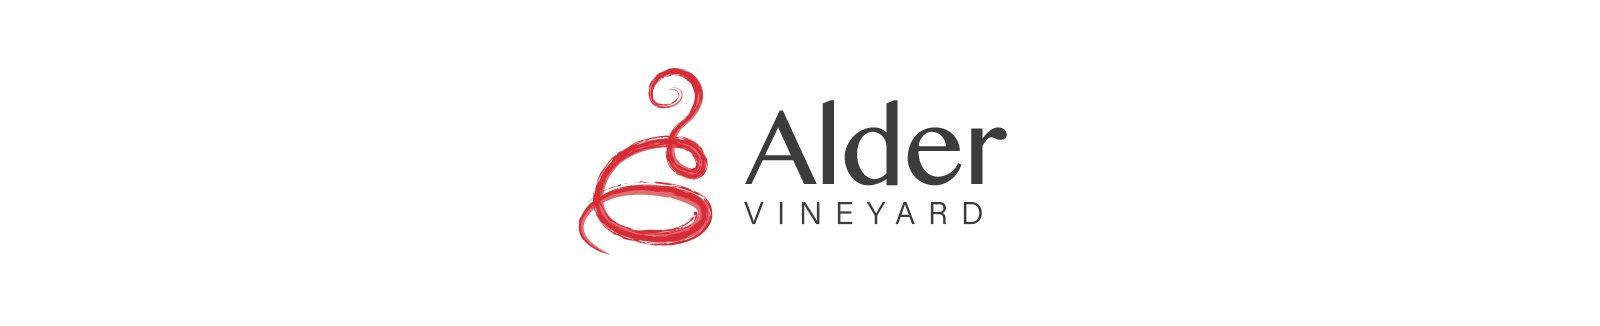 light logo - Alder Vineyard Branding